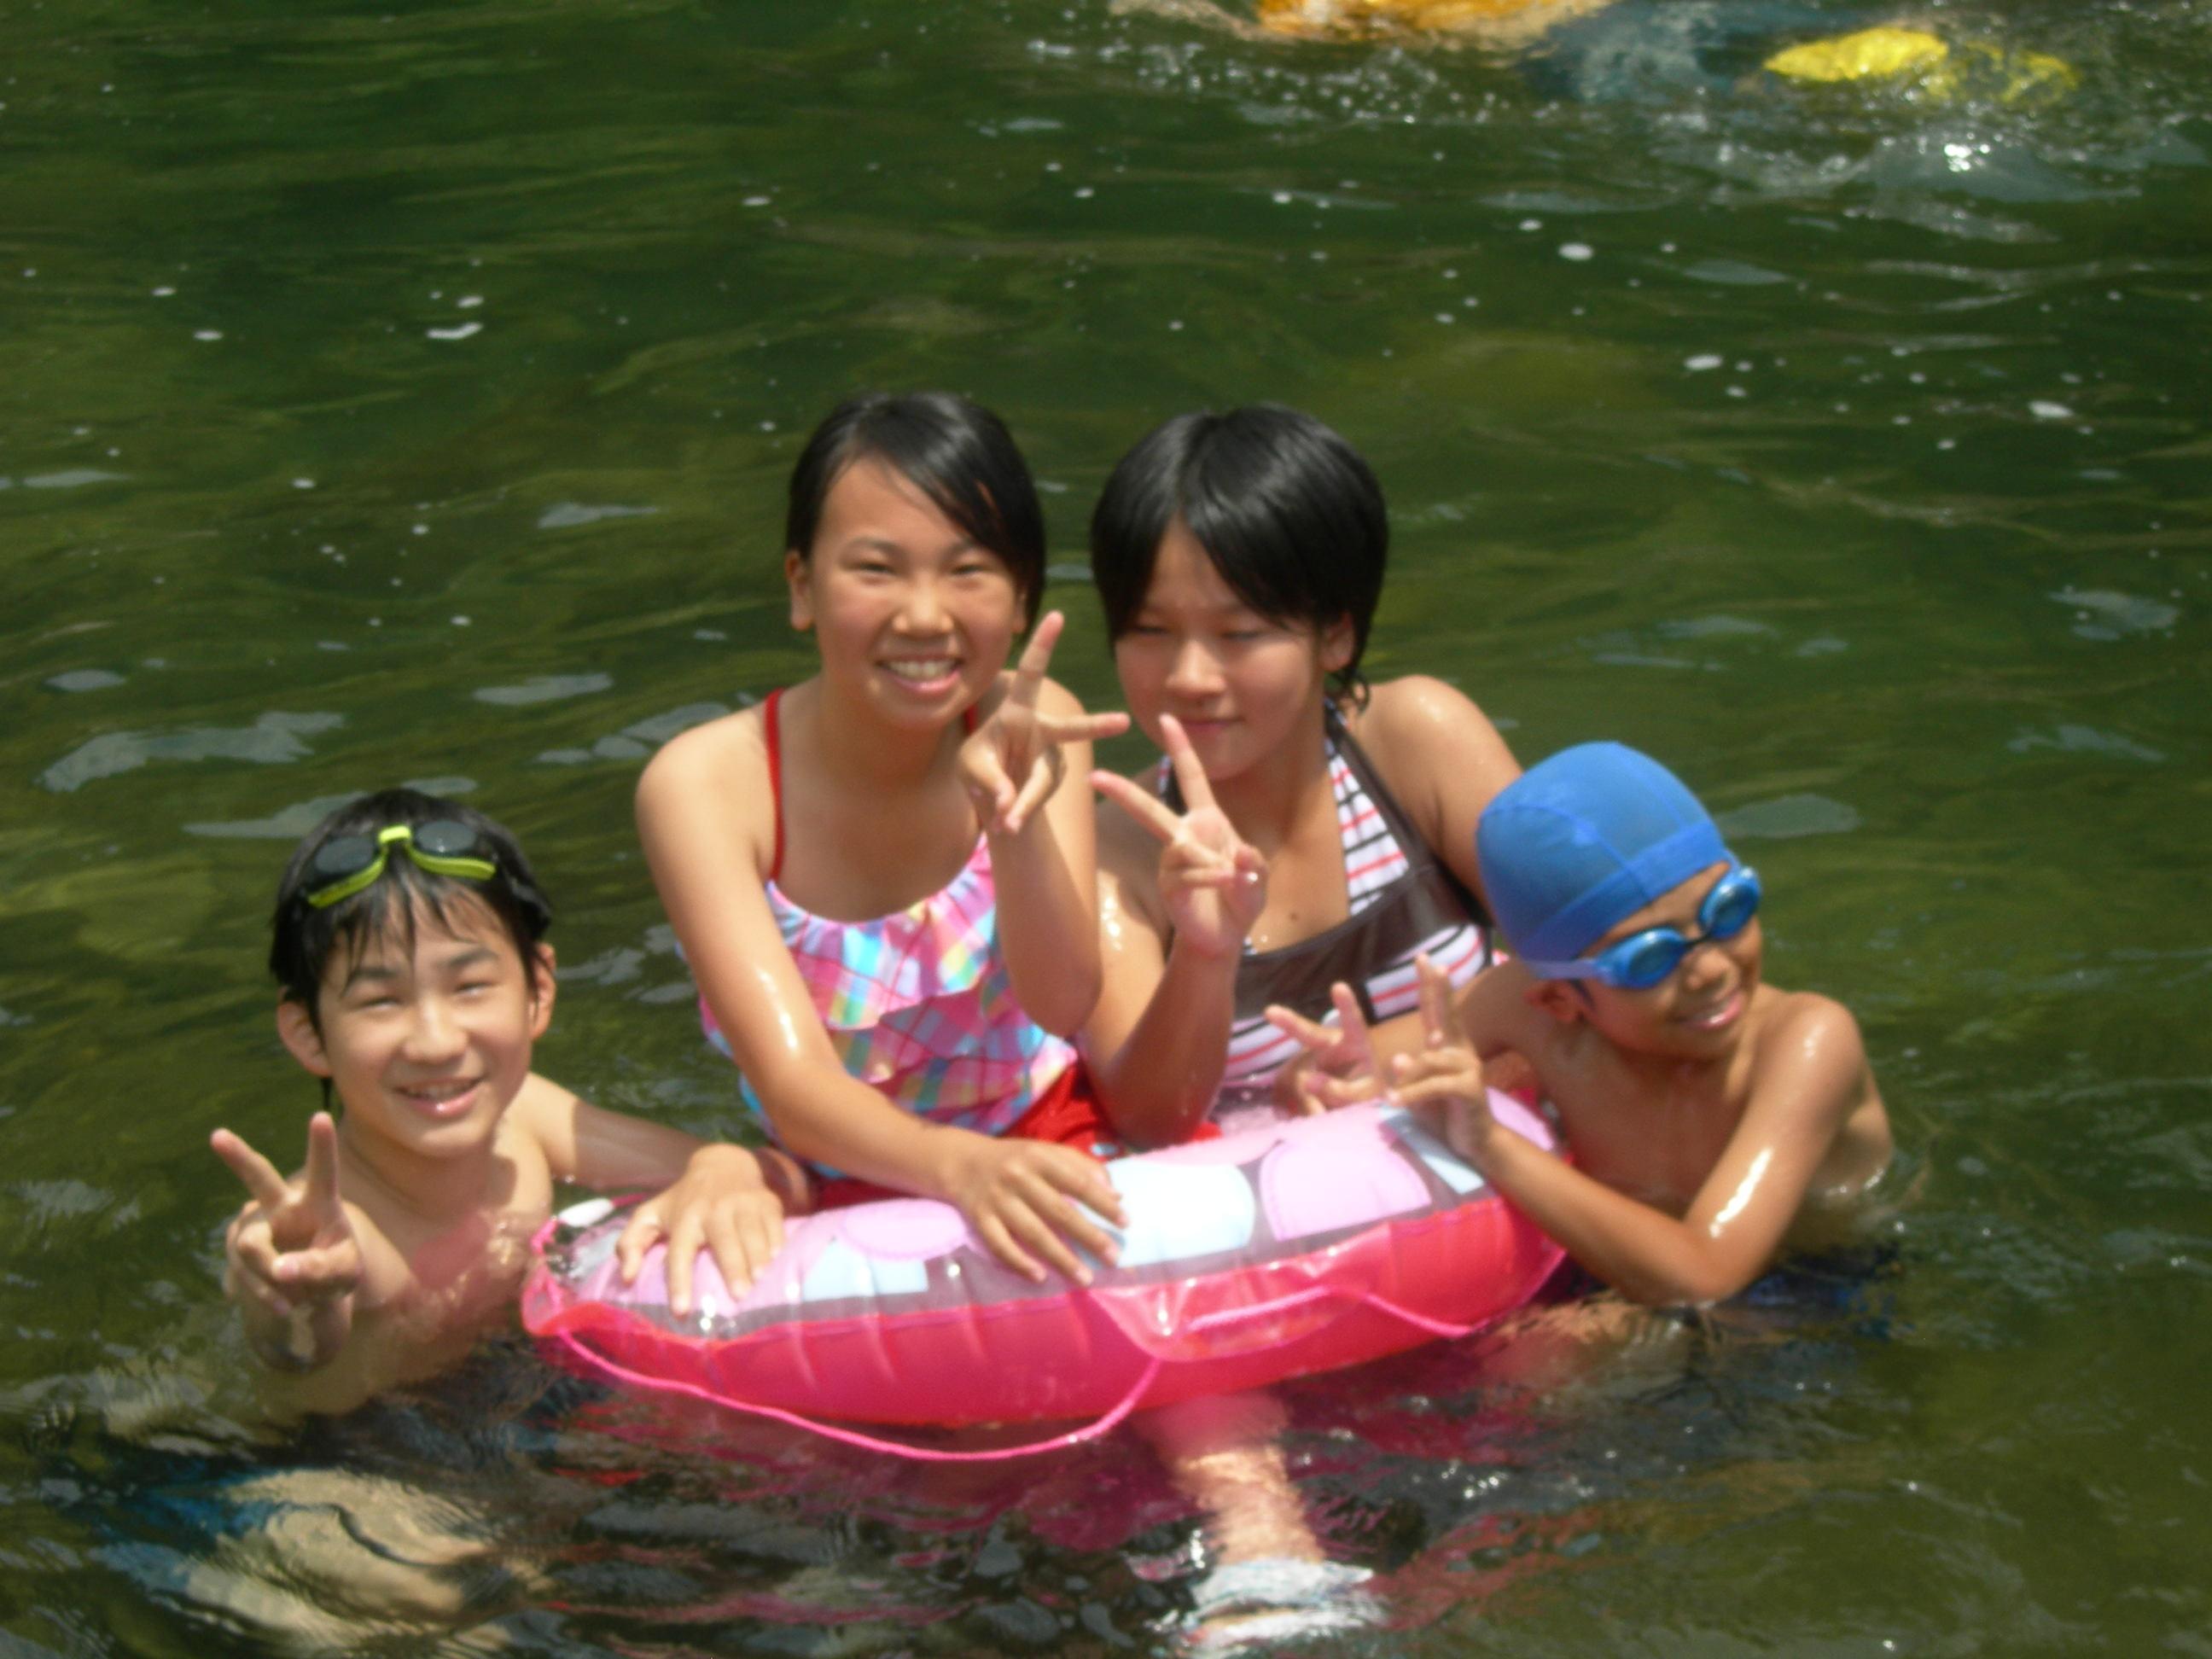 小学生 胸ポチ 川遊びに、みんな夢中 note Dscn8082_2